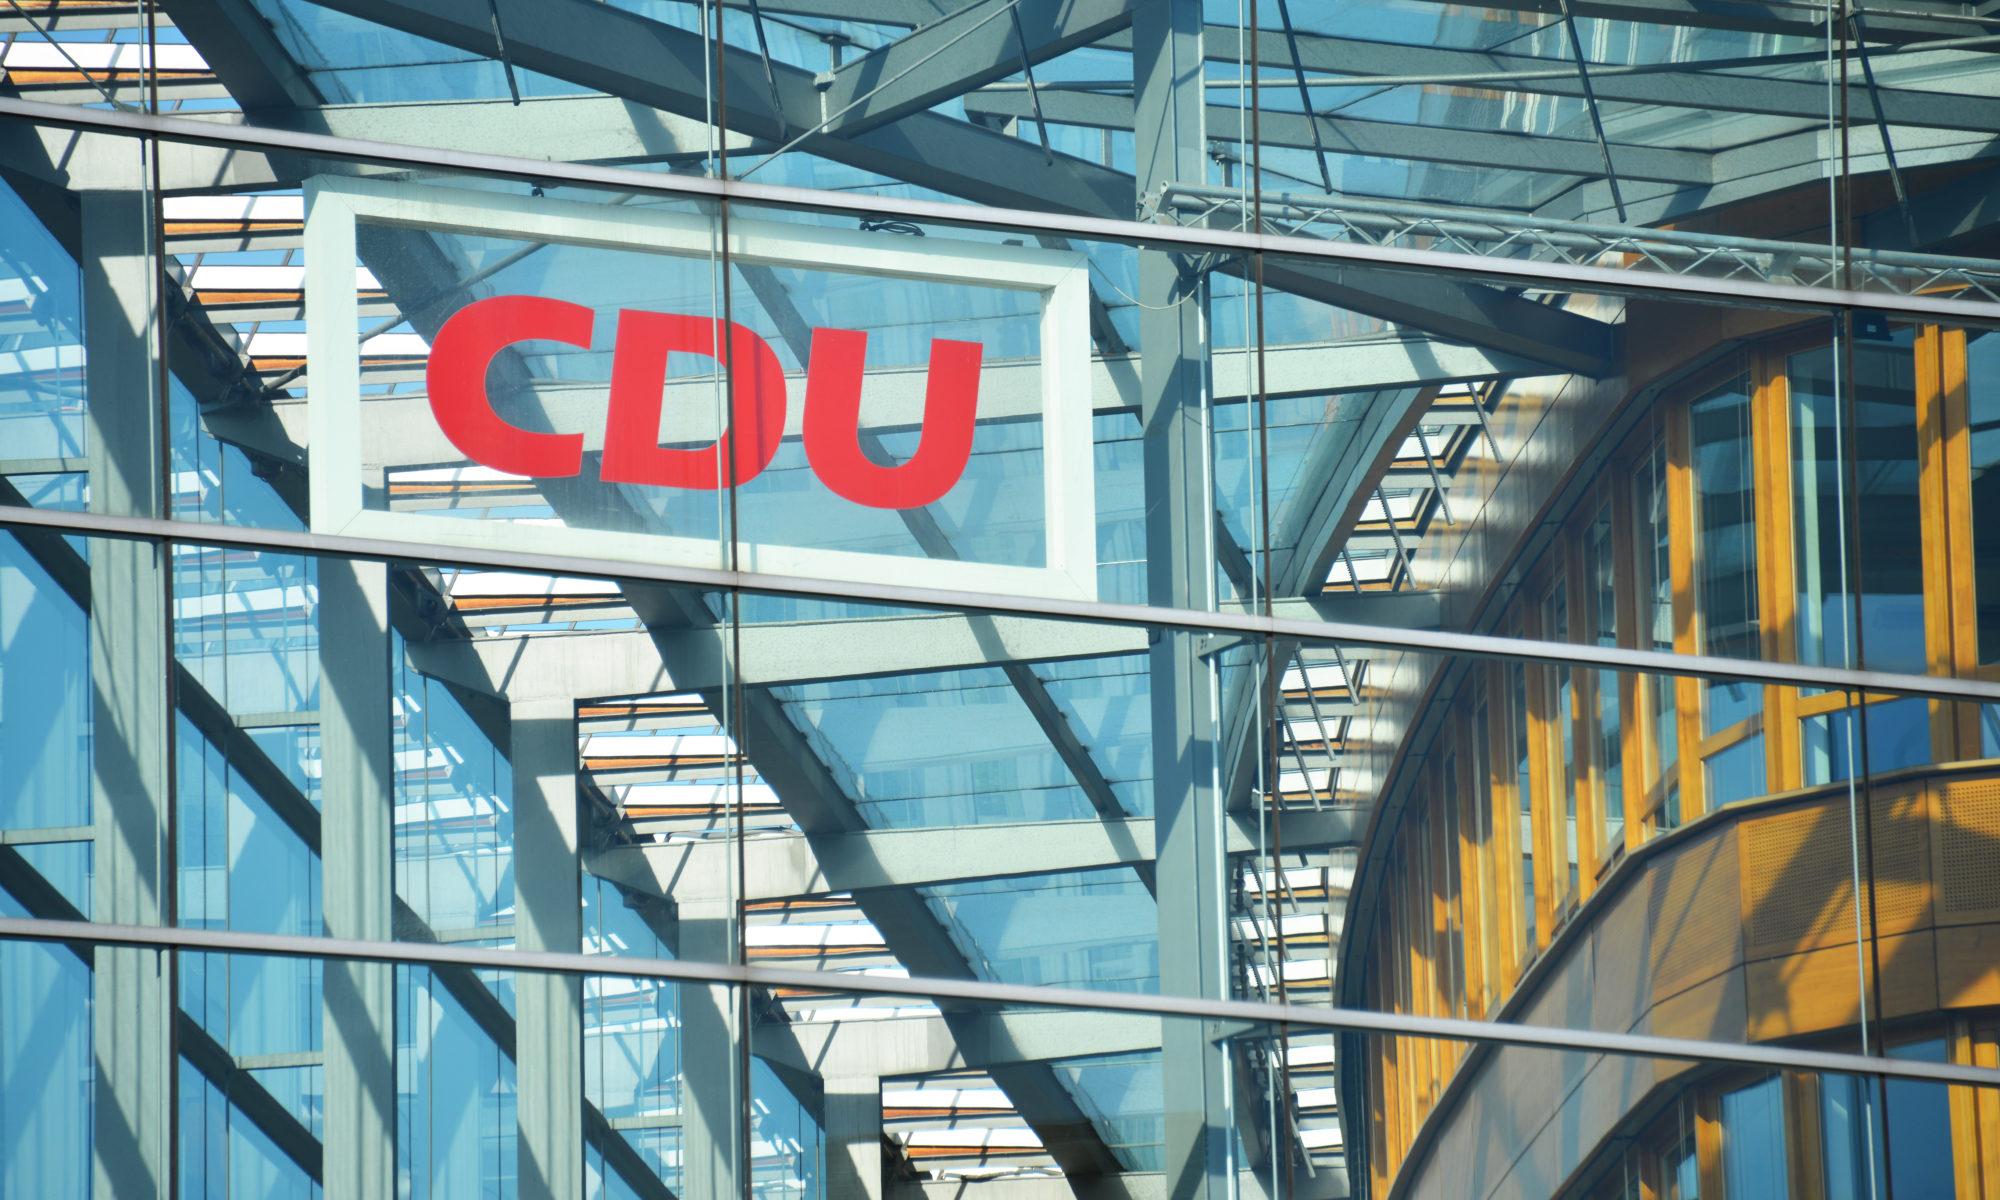 AdobeStock 361341048 Editorial Use Only 2000x1200 - CDU/CSU lehnt Hartz IV-Erhöhungen und  Pandemie-Zuschlag ab